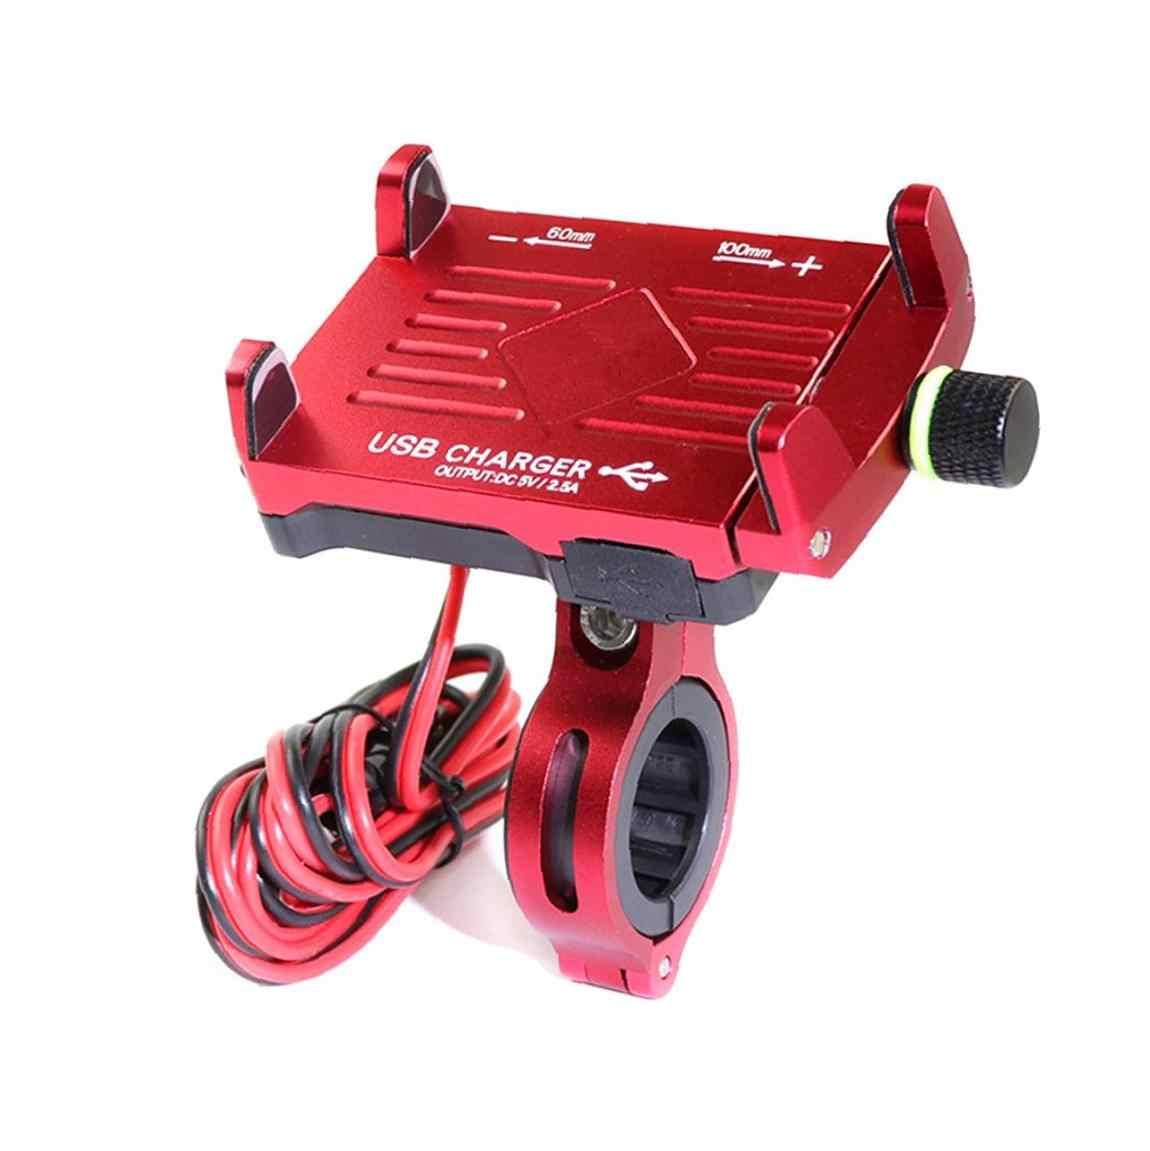 Sepeda Motor Ponsel Mount Pemegang Telepon dengan Usb Adaptor Charger Telepon Sepeda Motor Aksesori Ponsel Pemegang 1 Pcs Merah